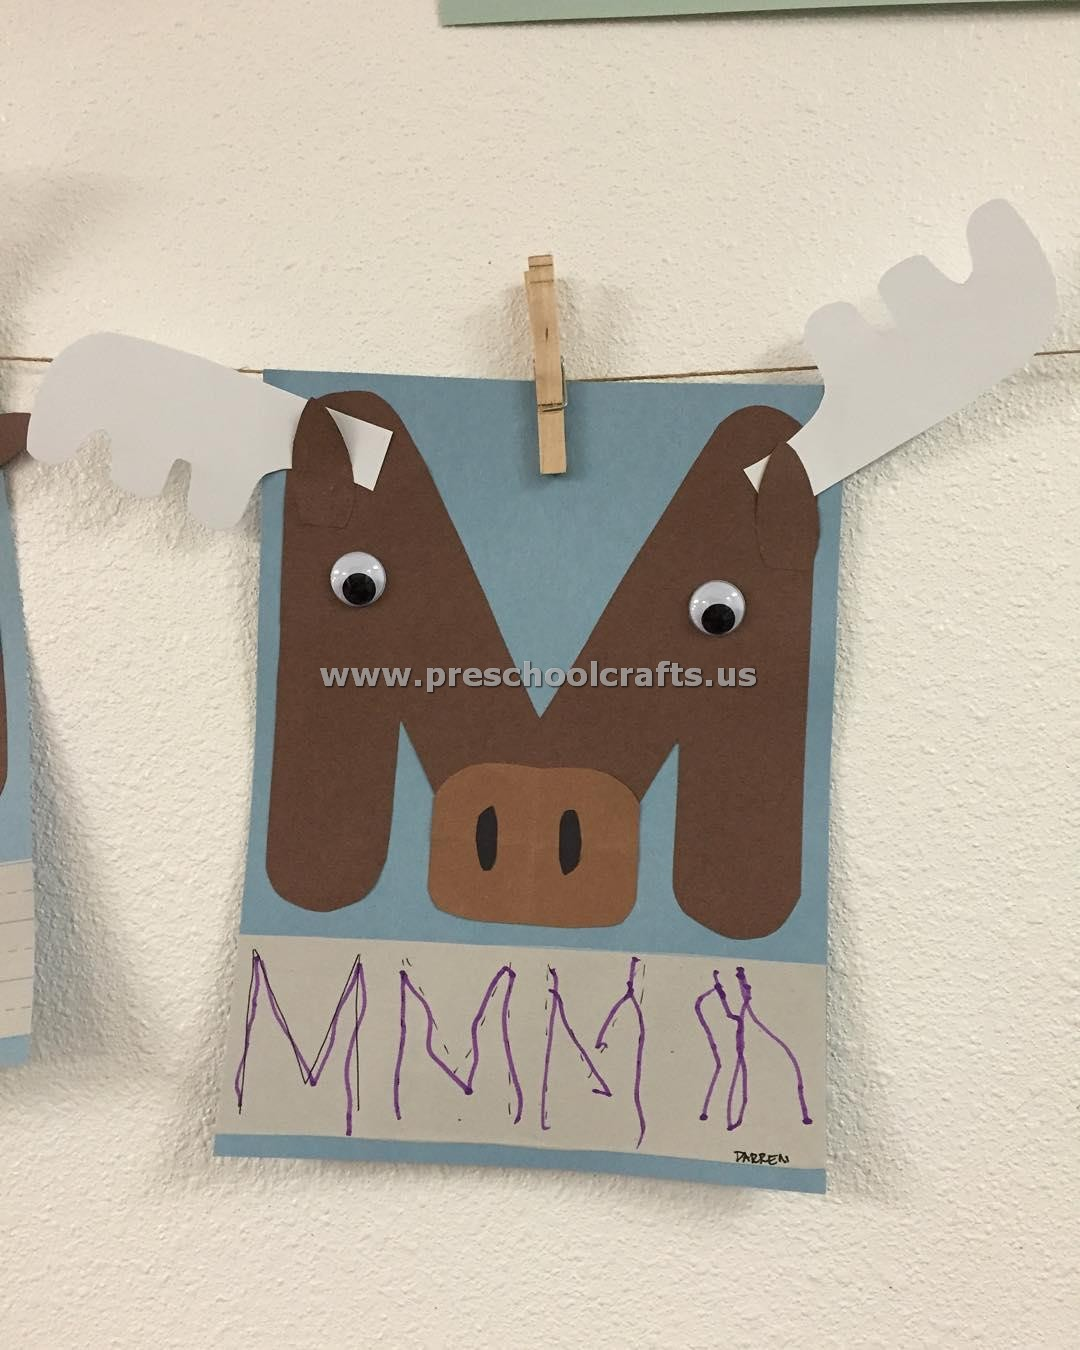 letter-m-crafts-for-kindergarten - Preschool Crafts